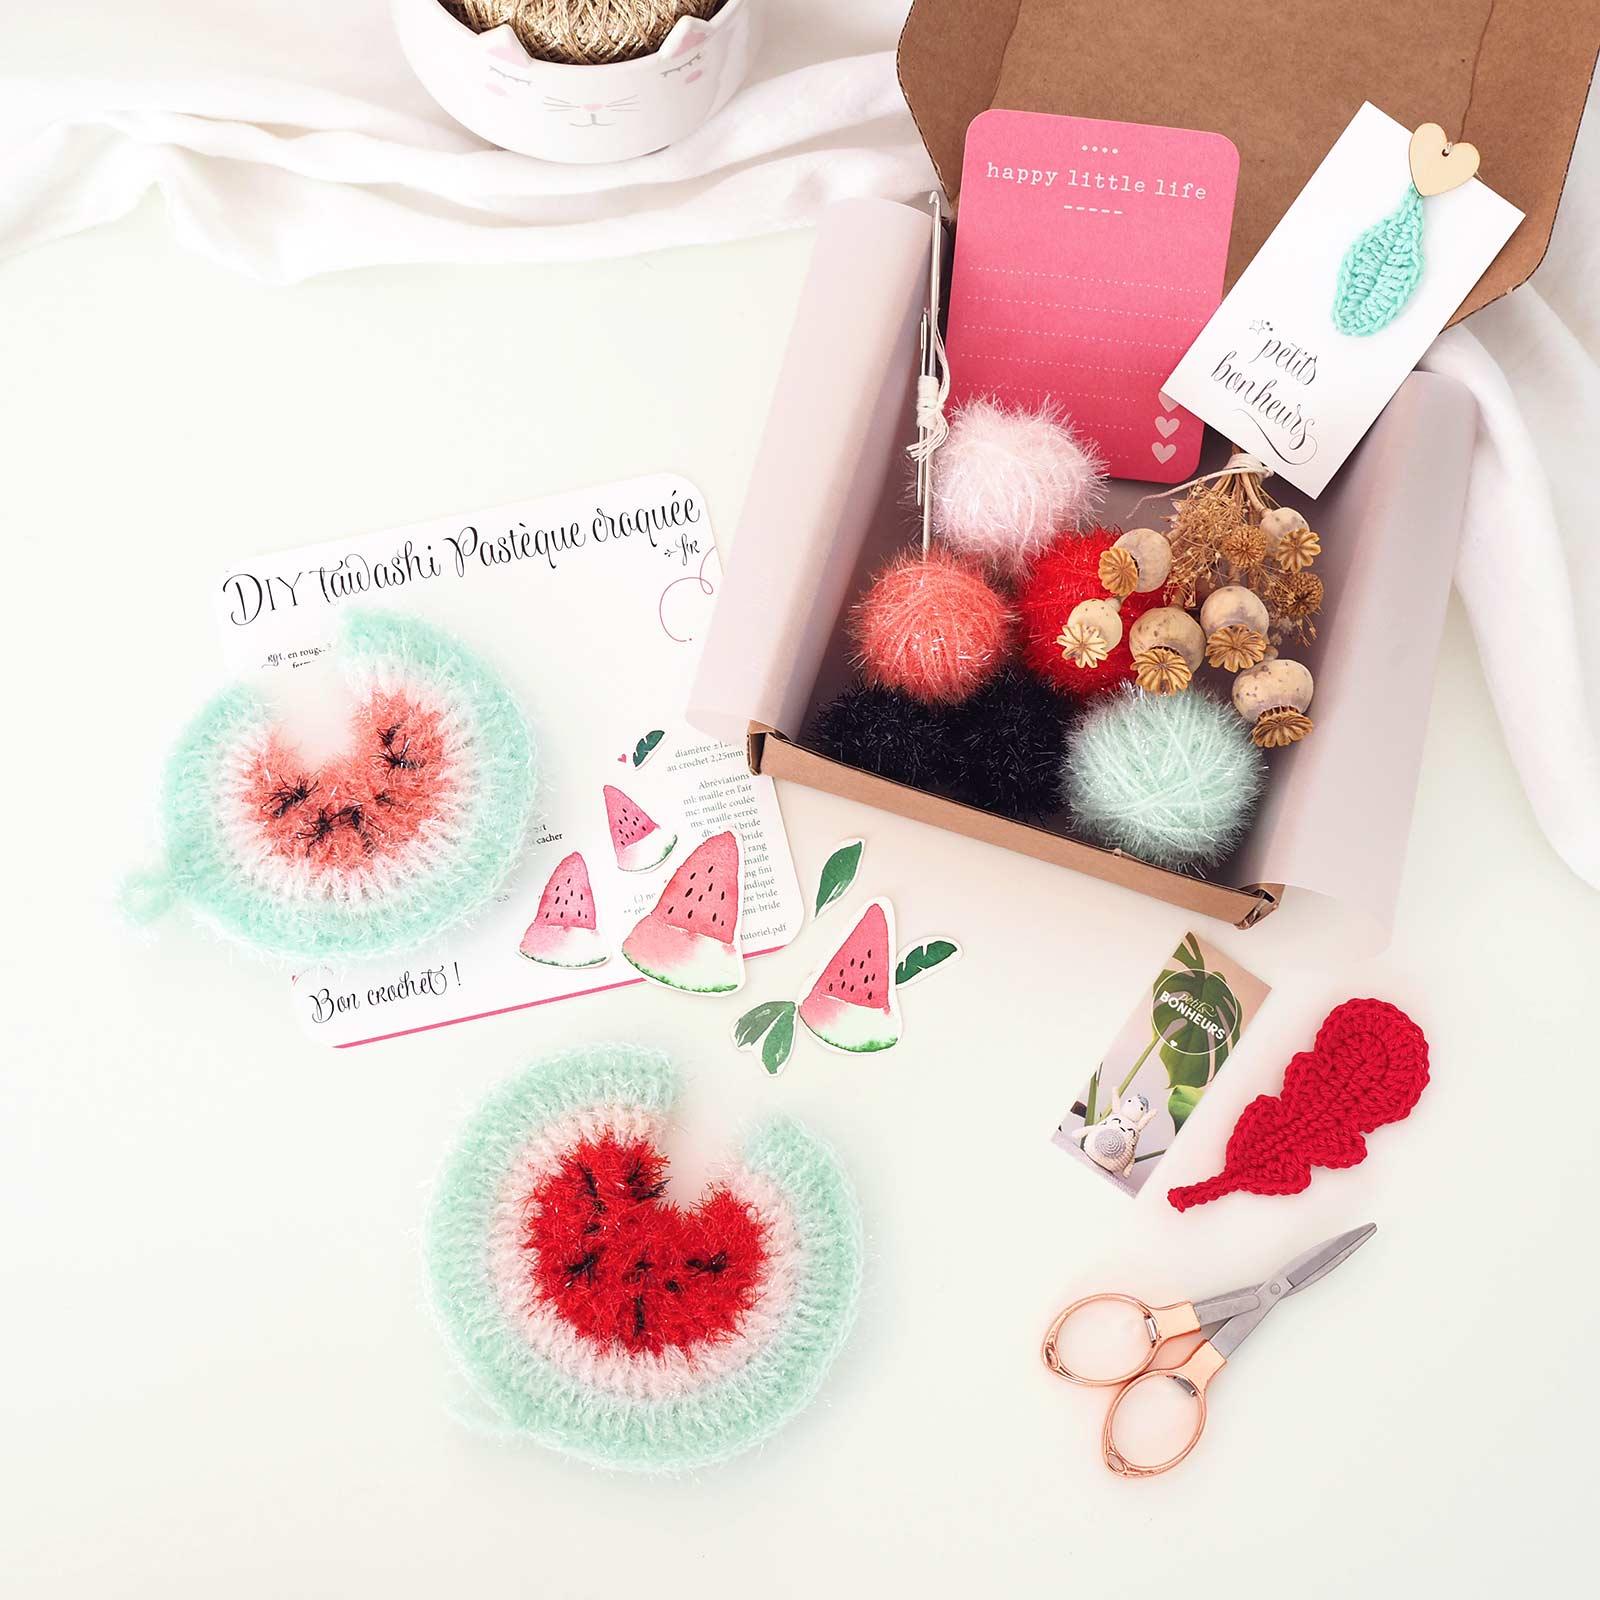 kit DIY tawashi tutoriel éponge pastèque crochet laboutiquedemelimelo